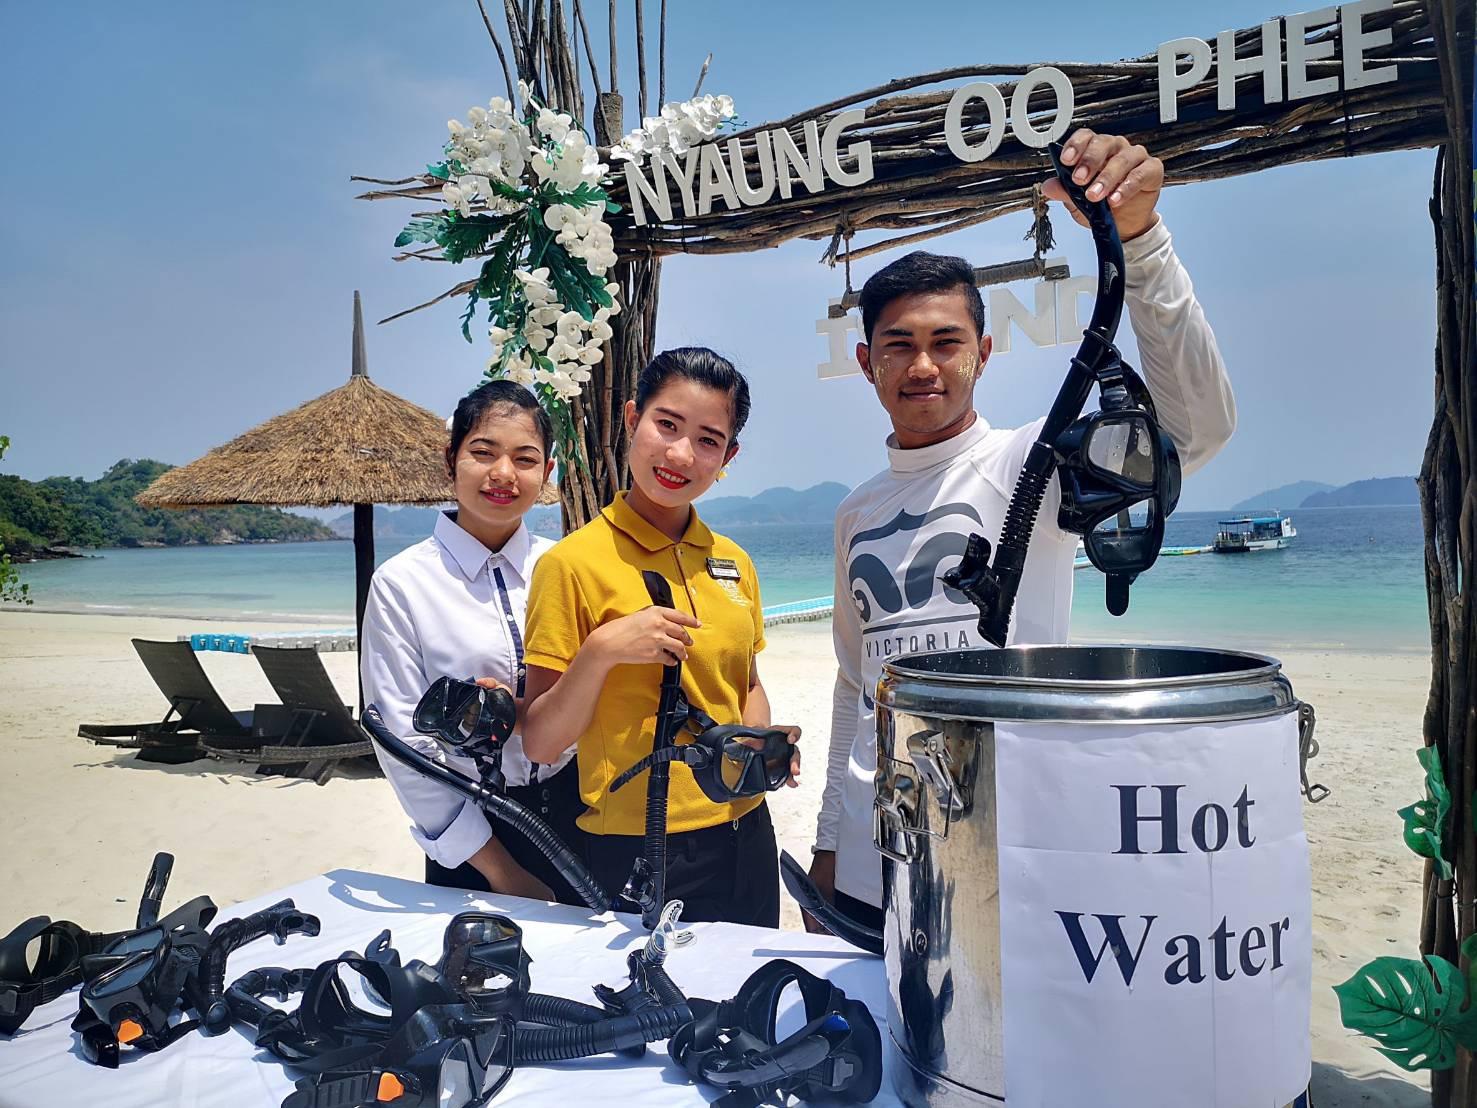 เผยมาตรการตรวจเข้มนักท่องเที่ยวป้องกัน โควิค-19 ของวิคตอเรียคลิฟฟ์ ที่เกาะนาวโอพี ประเทศเมียร์ม่า